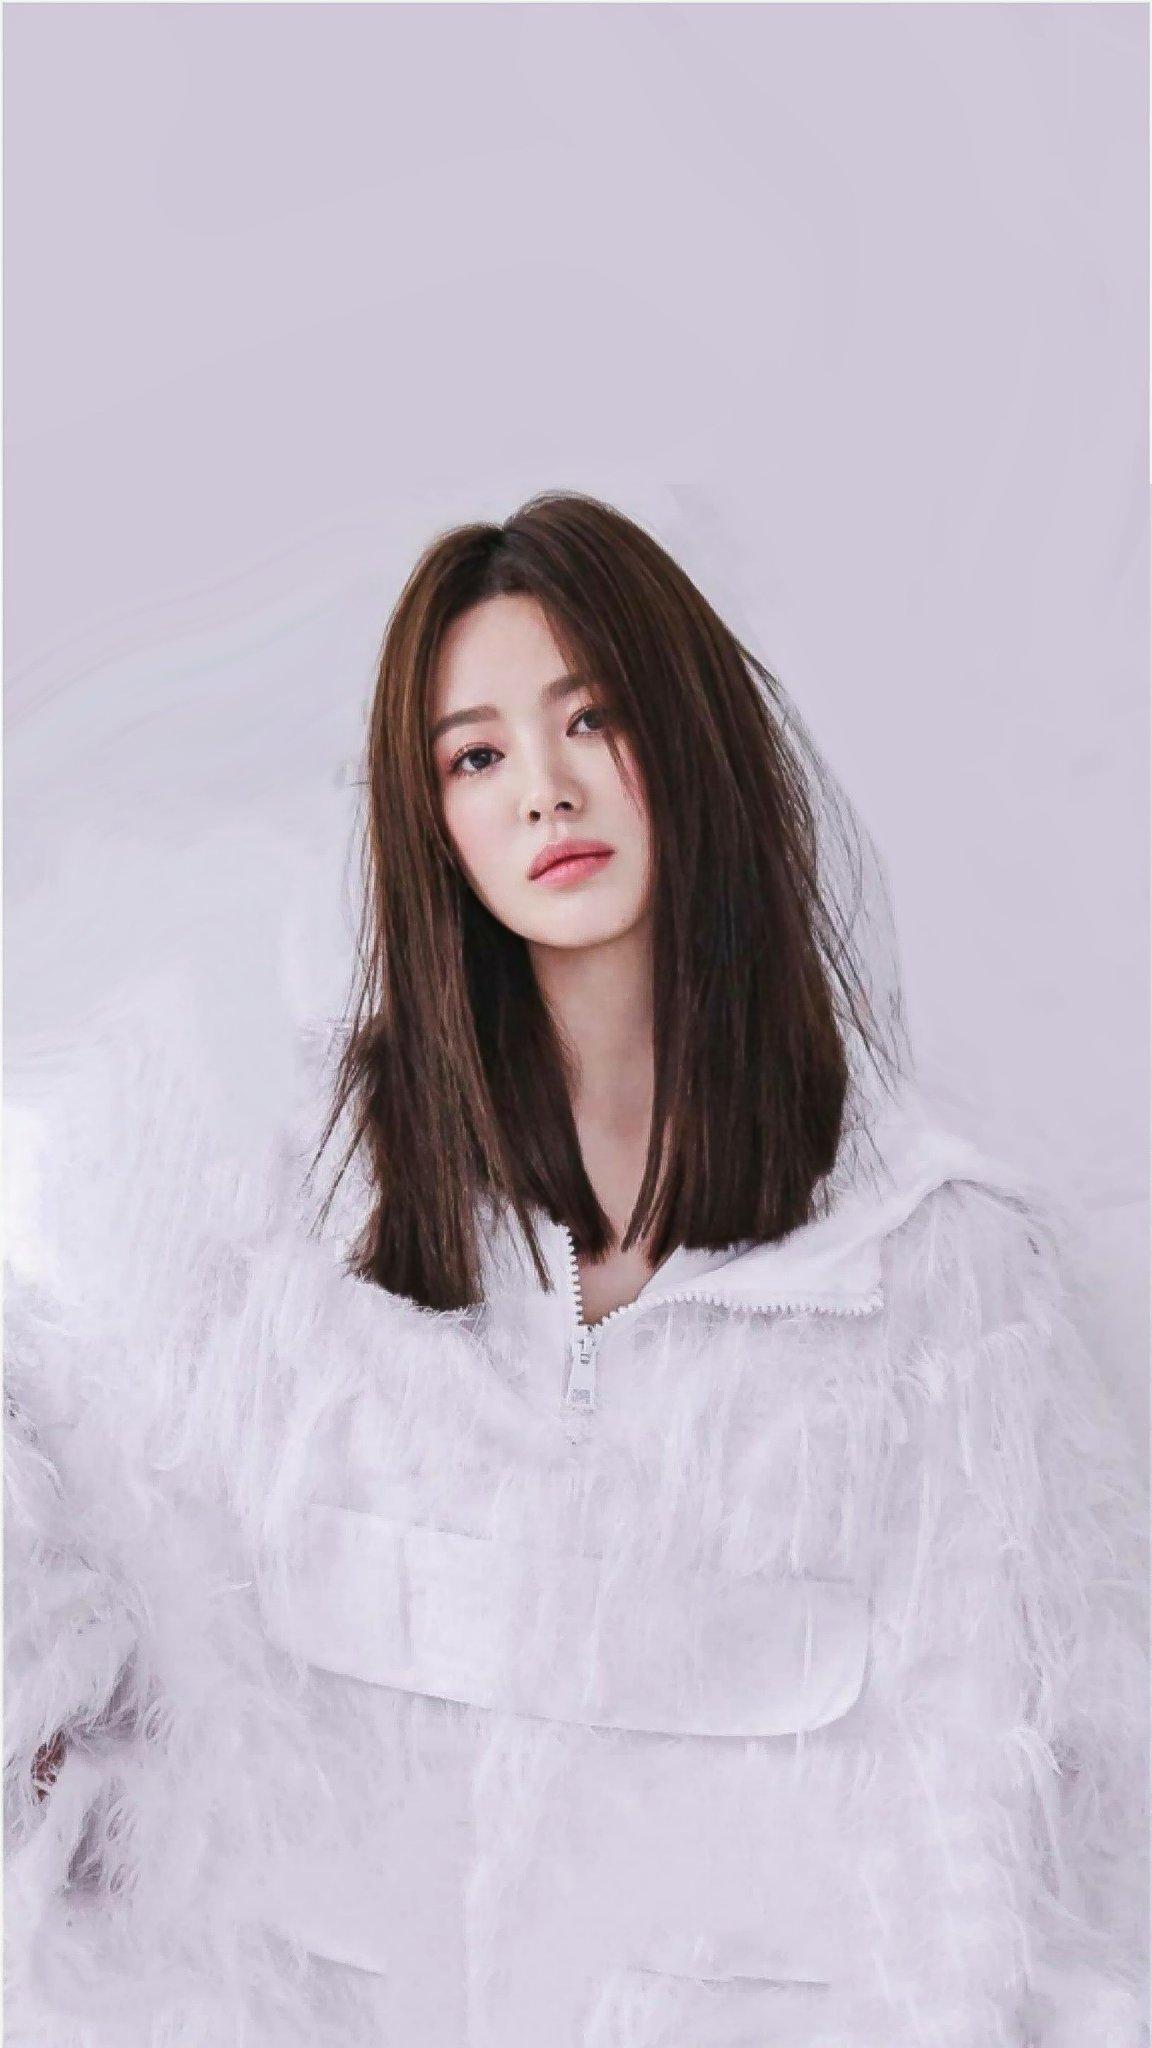 """Thật """"cân não"""" khi Song Hye Kyo - Jisoo đụng hàng: Tường thành nhan sắc kín như bưng, idol trẻ buông lơi lả lướt quá - Ảnh 2."""